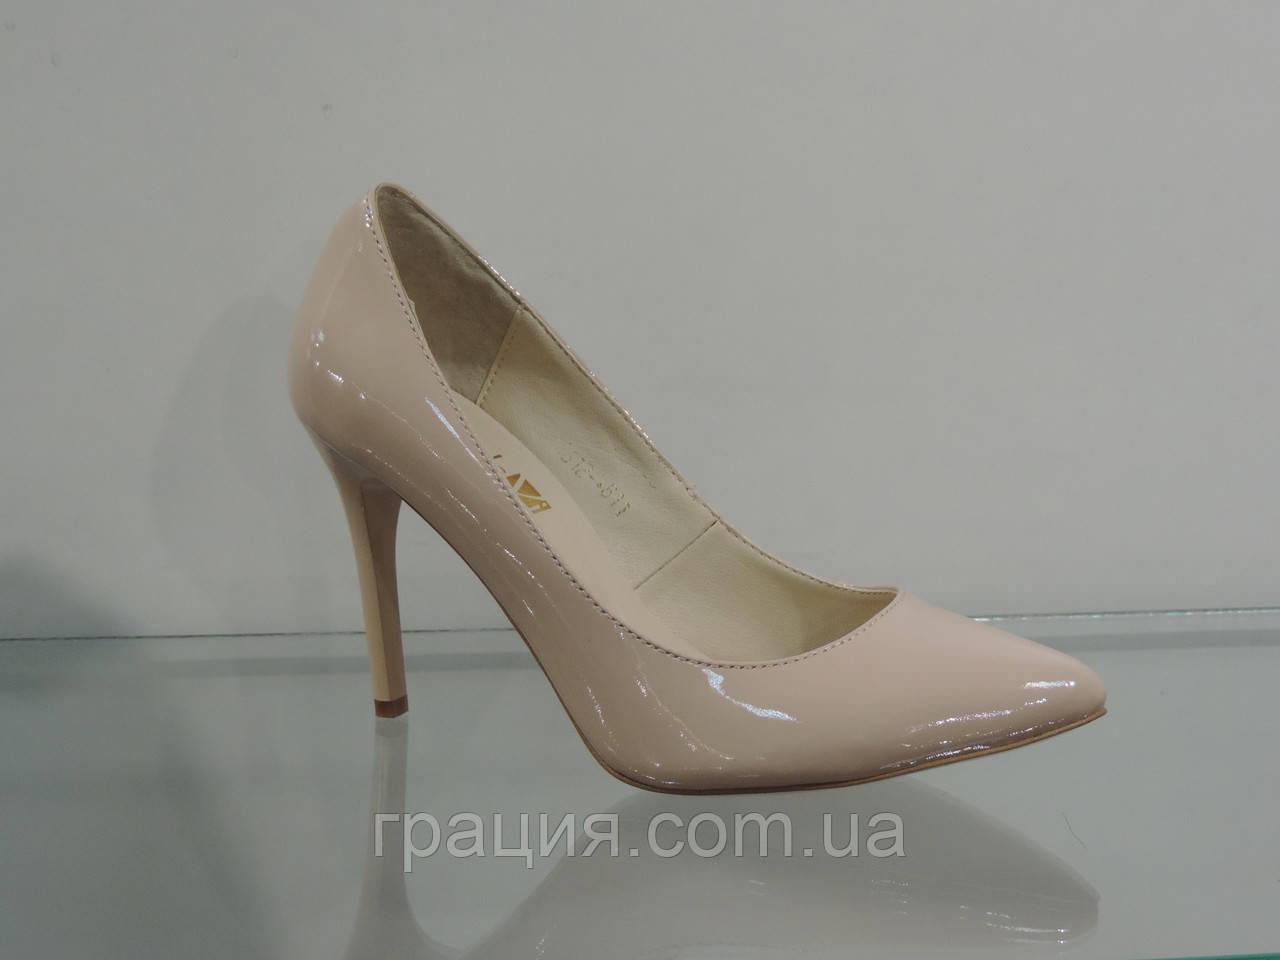 Туфли женские лаковые натуральные на шпильке бежевые